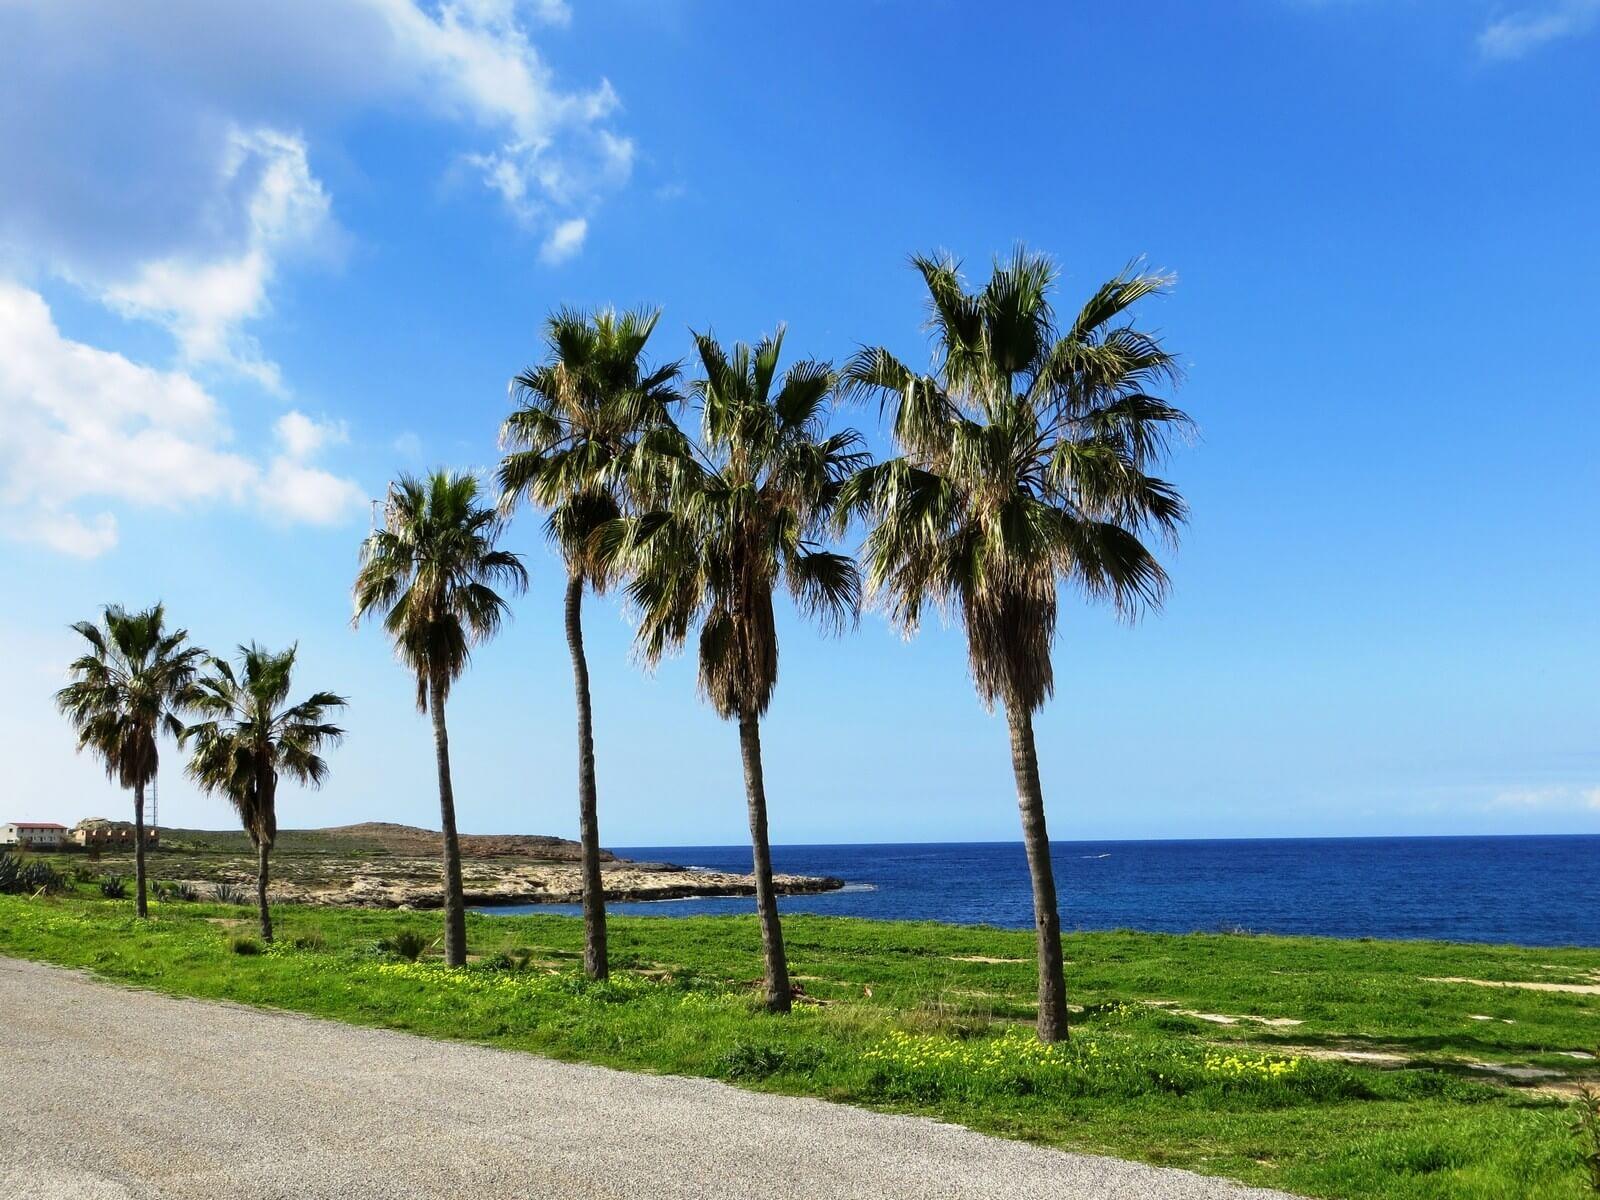 Краткий обзор Кирении: развлечения, достопримечательности и пляжи